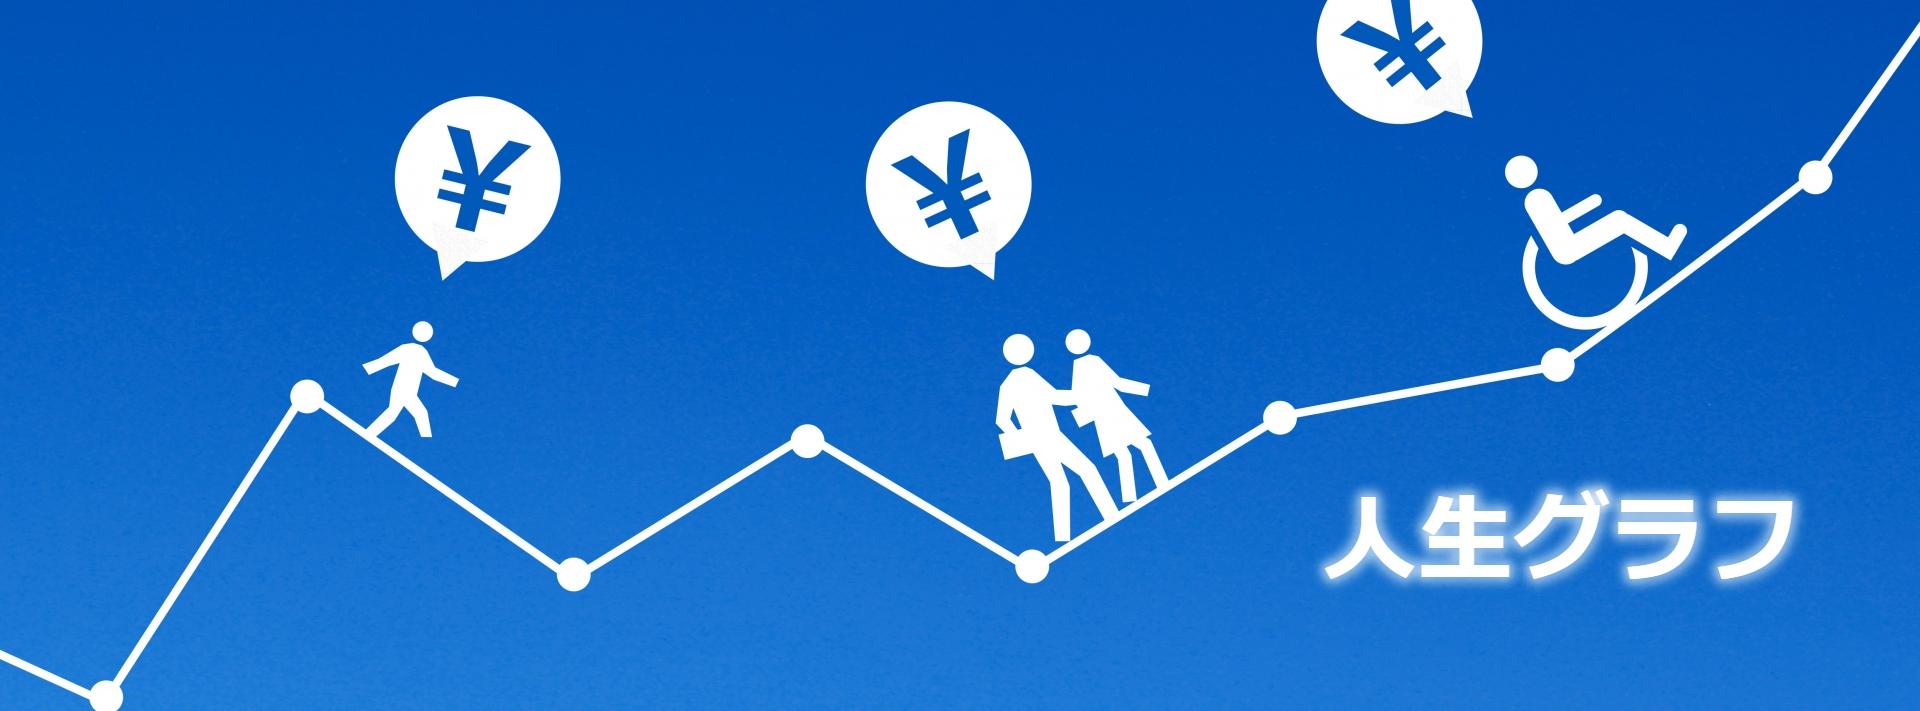 これからの仕事と収入を考えるときに忘れてはならないこと ながらすたいる www.bixlix.com